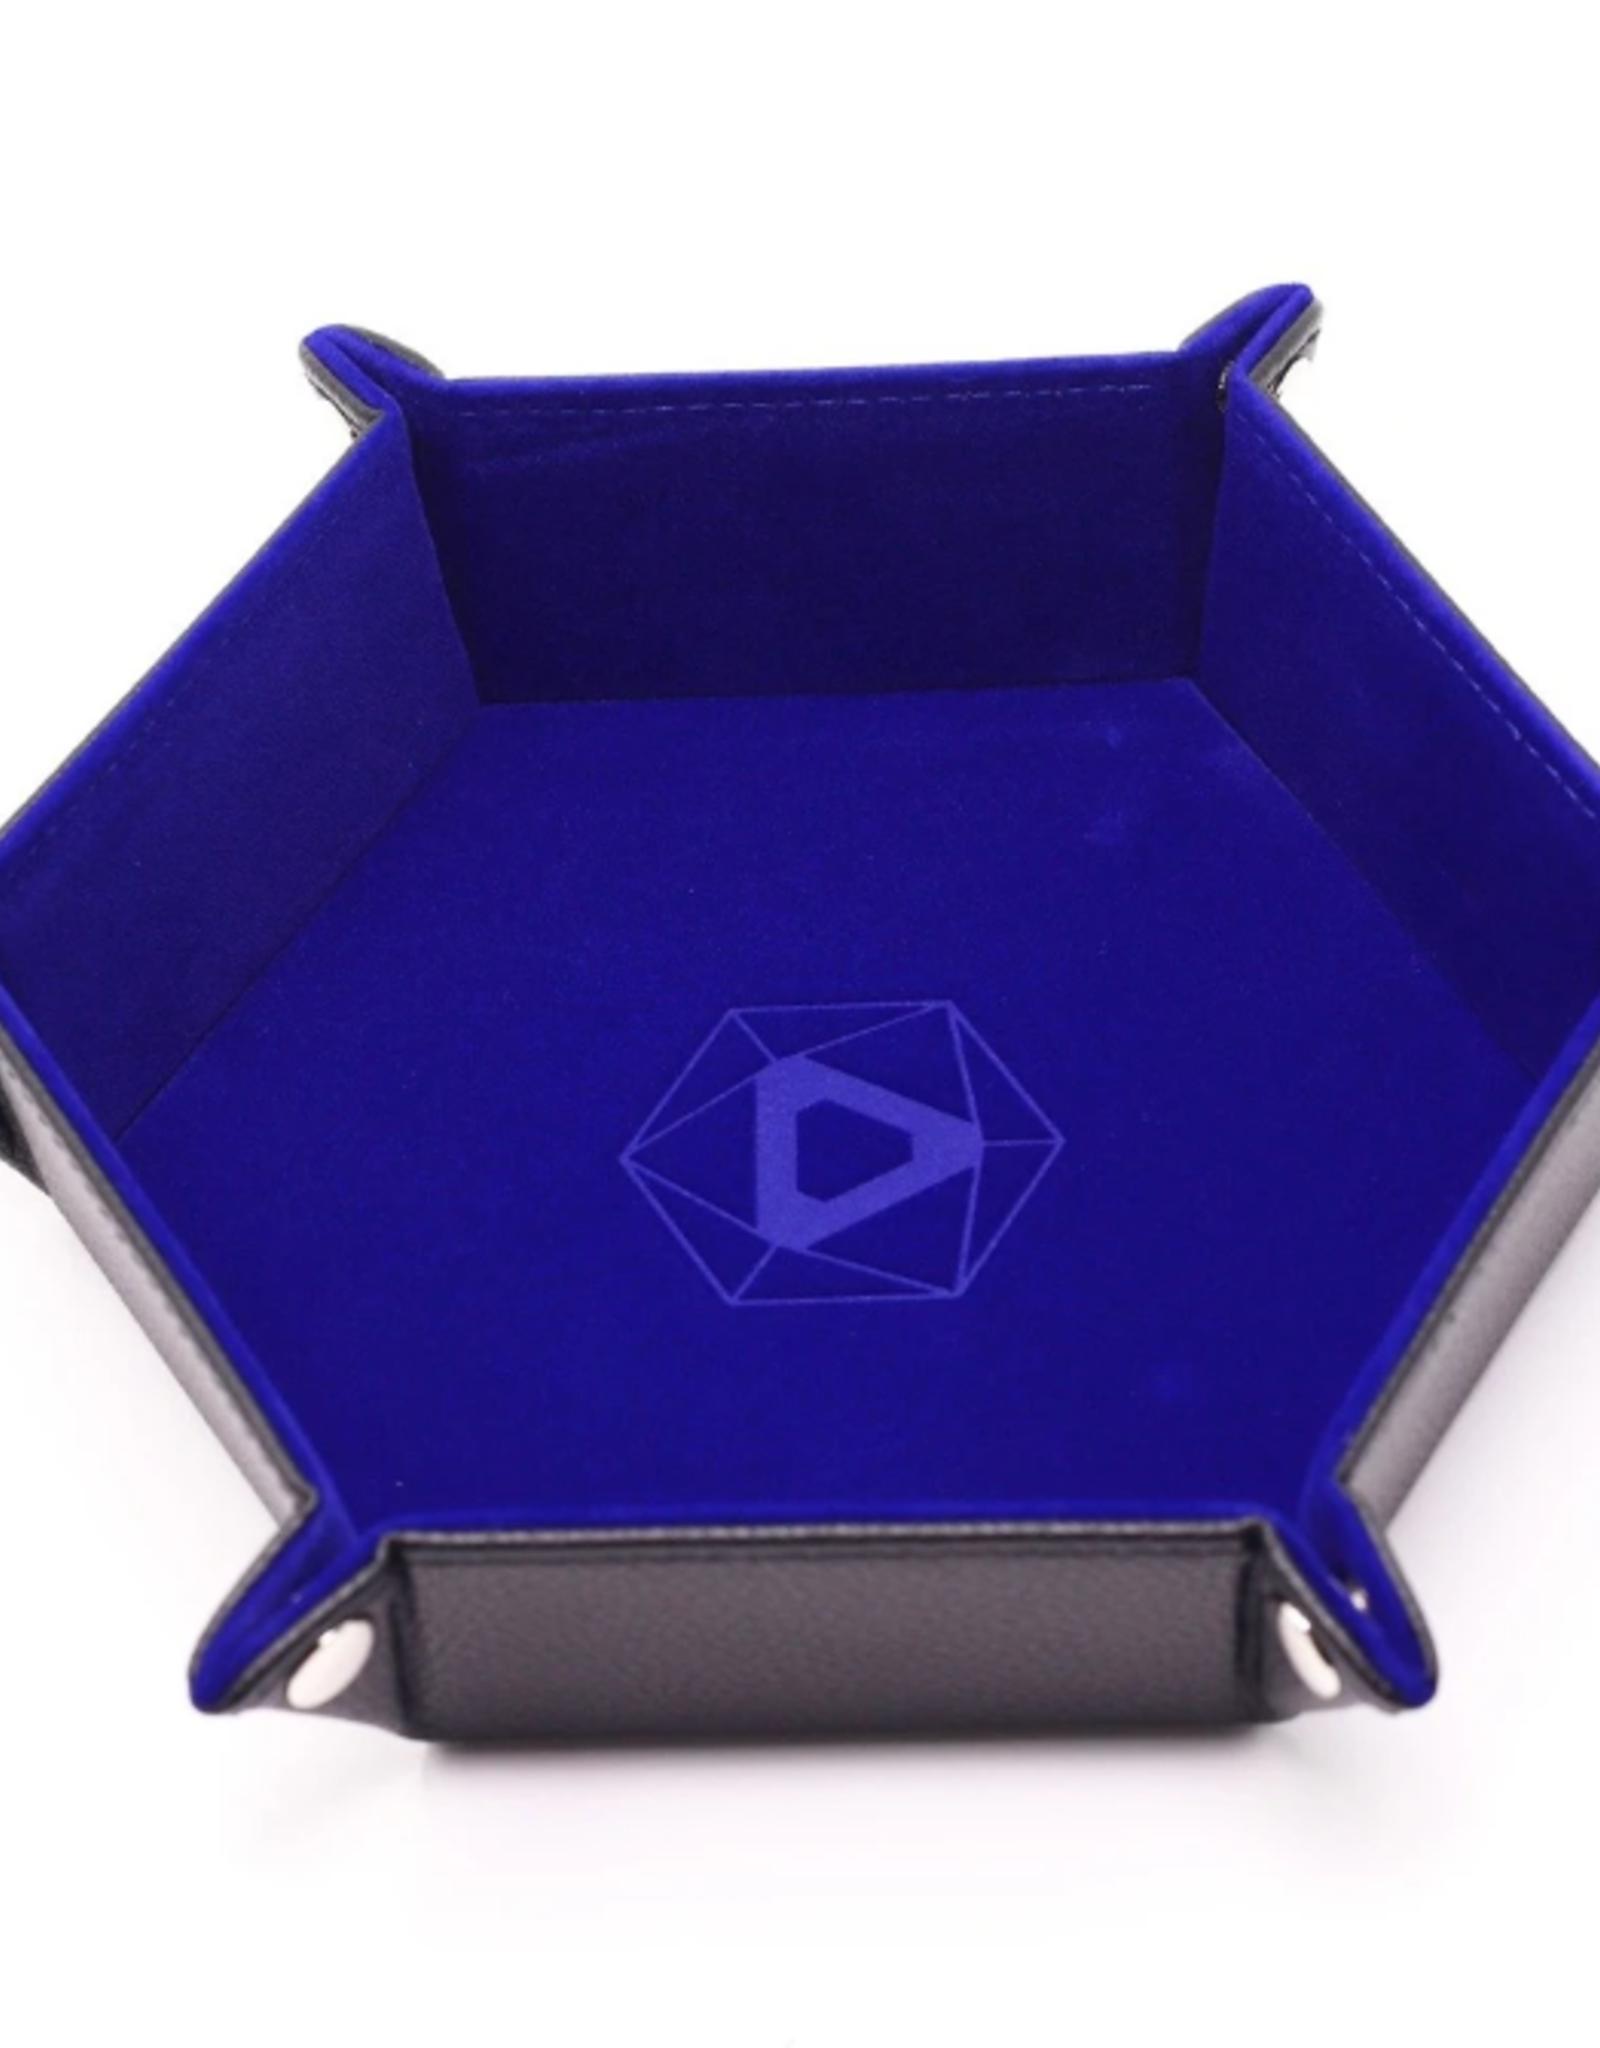 Die Hard Dice Folding Hex Tray Blue Velvet